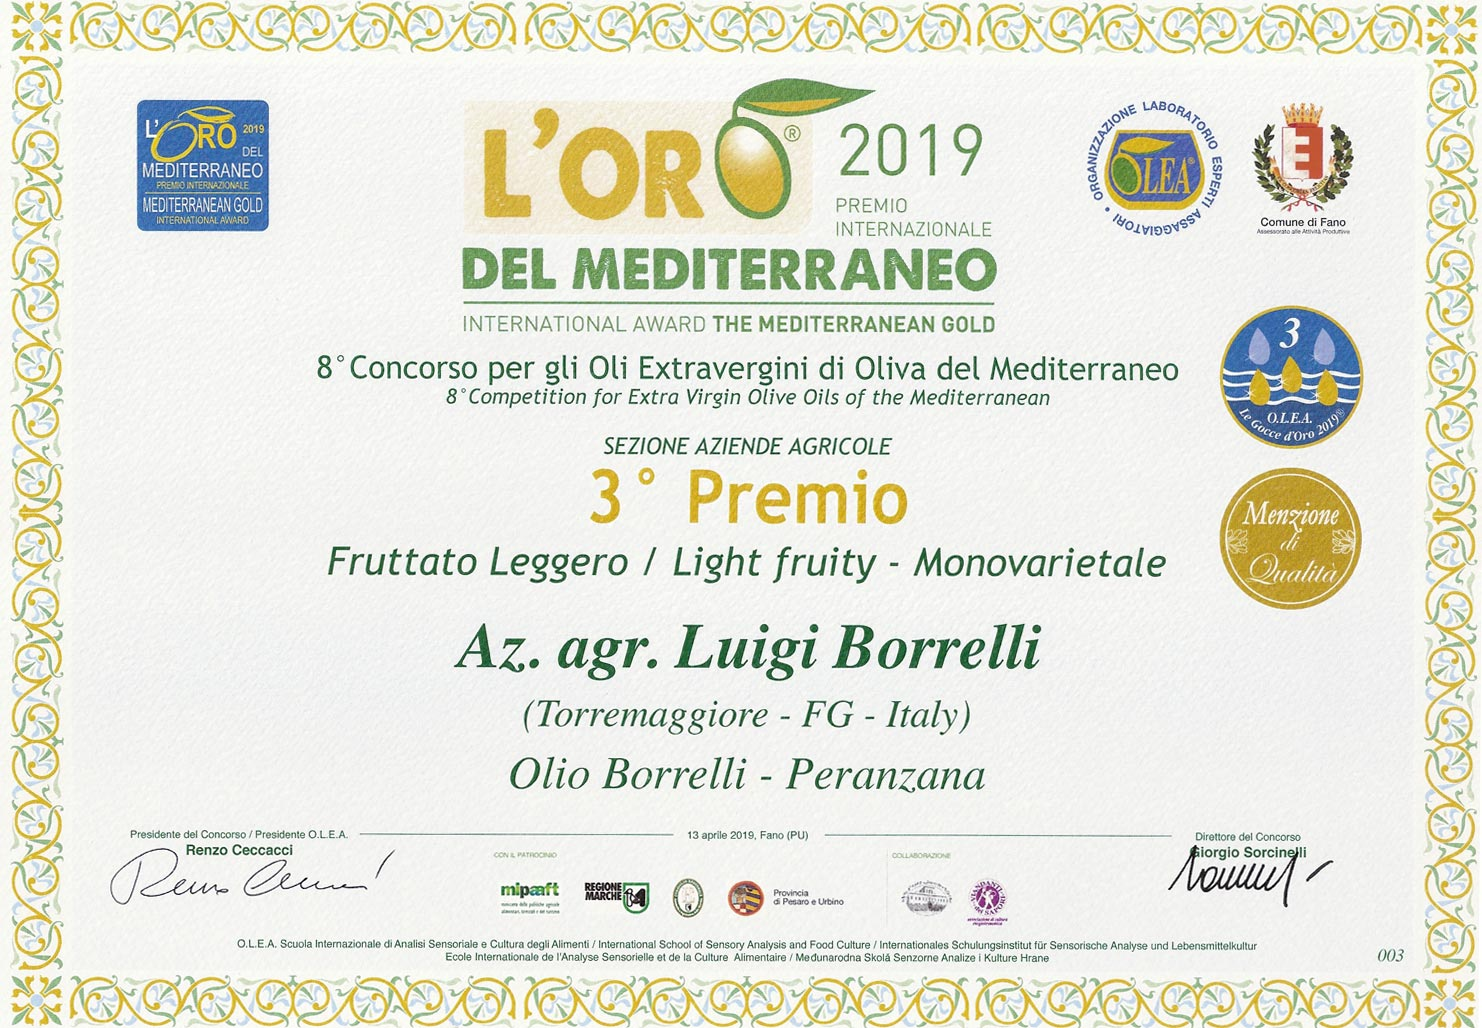 Oro del Mediterraneo 2019: 3 gocce d'oro con menzione di merito per Luigi Borrelli